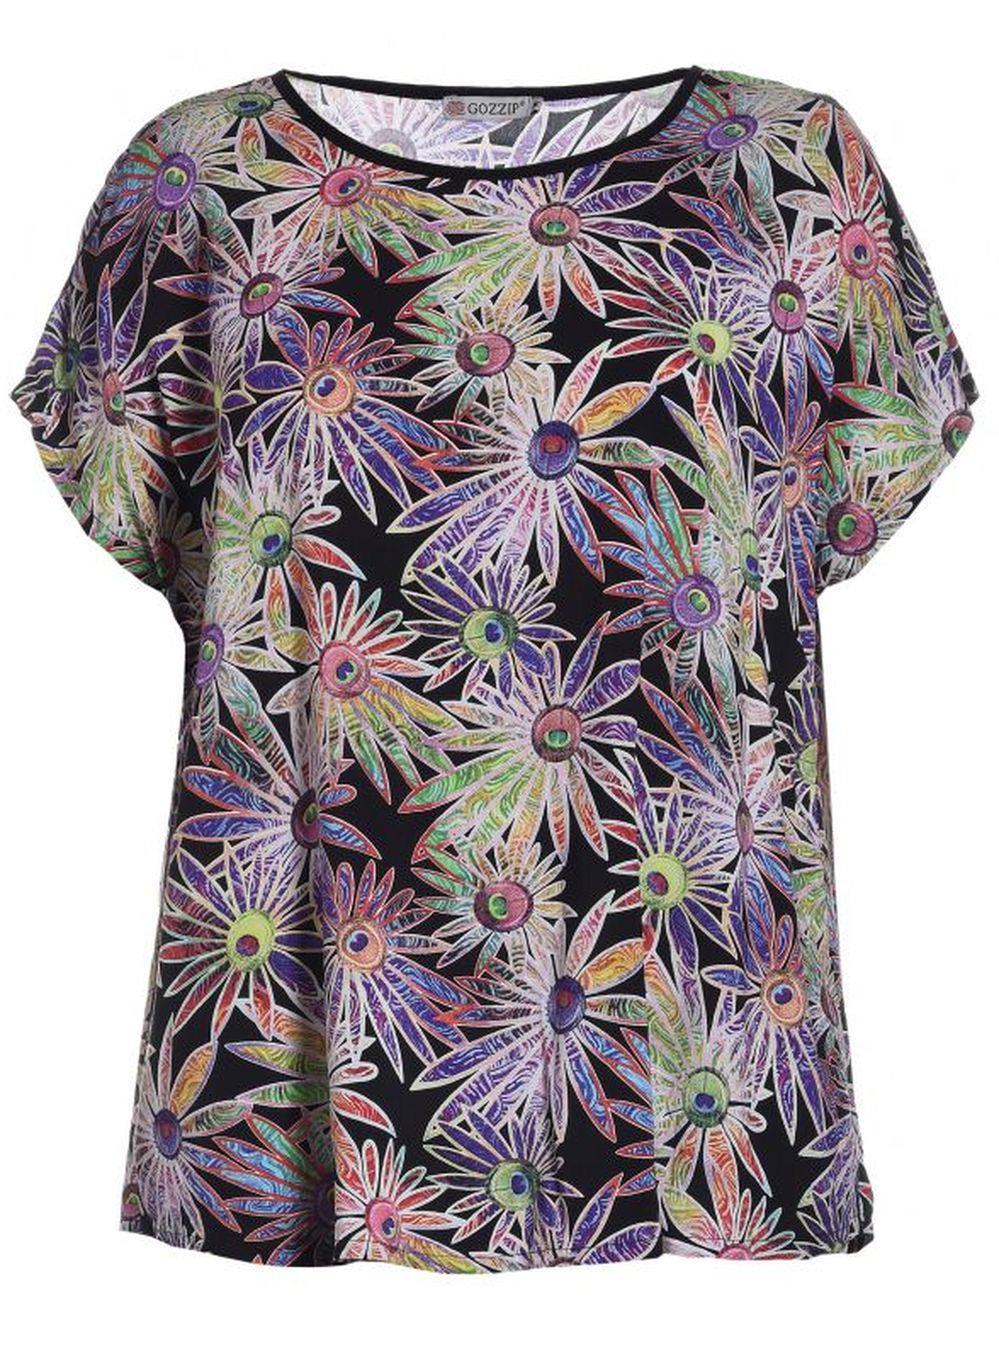 81be1b1e Skøn Plussize Bluse i Multi Blomstret Print i str. 42-56, G183014